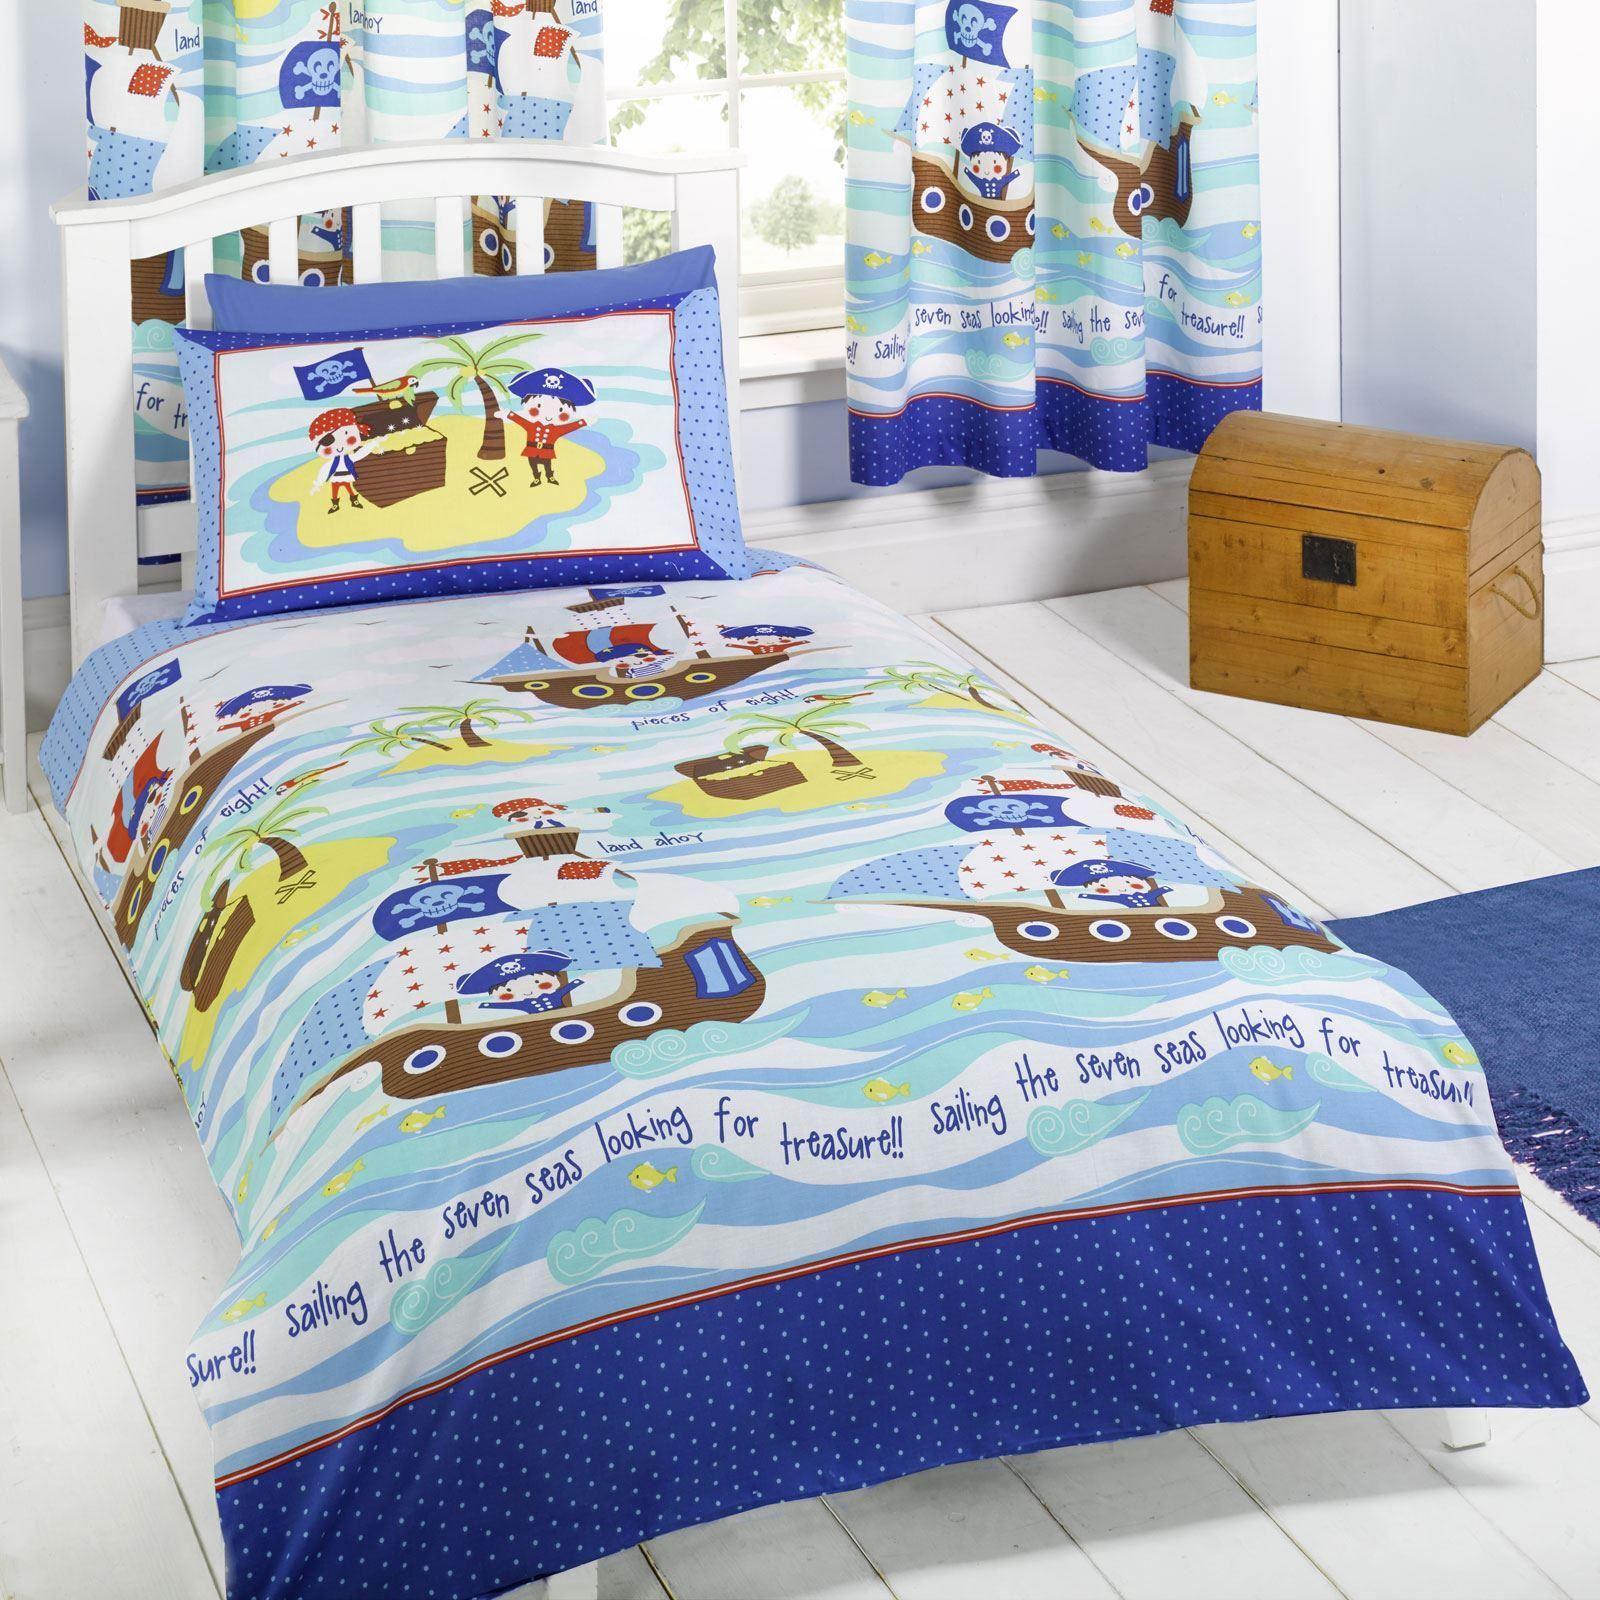 ENFANTS-DISNEY-PERSONNAGE-HOUSSE-COUETTE-SIMPLE-ENSEMBLES-PAT-039-PATROUILLE